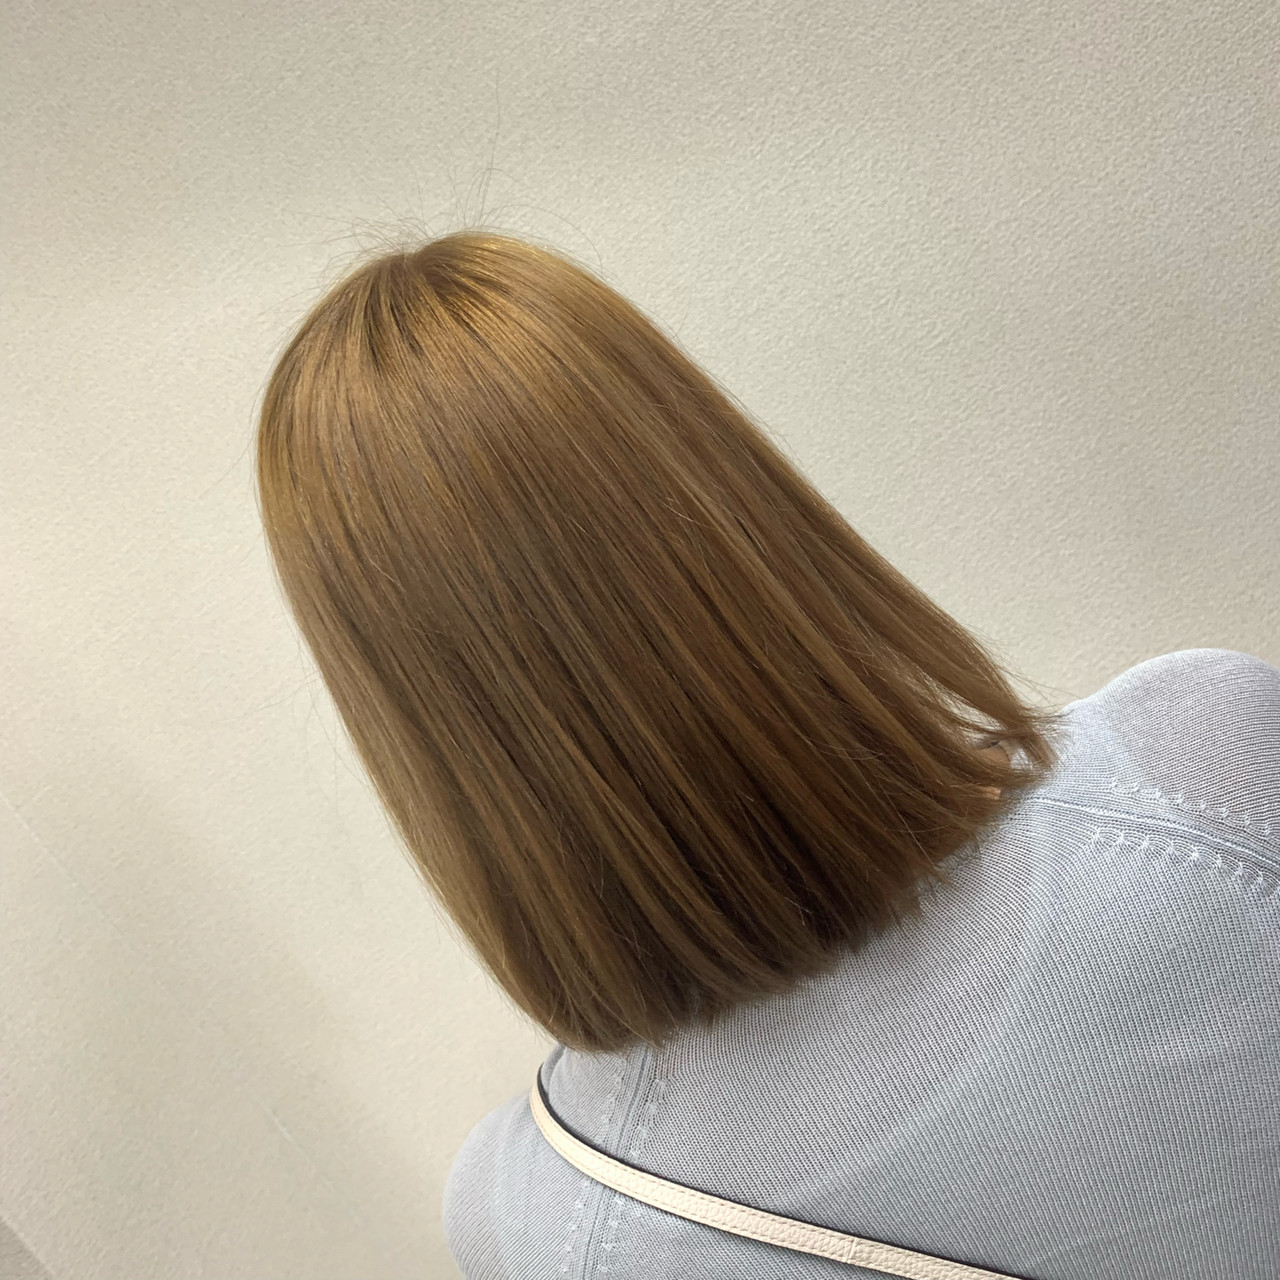 圧倒的透明感 フェミニン ミルクティーベージュ ブリーチ ヘアスタイルや髪型の写真・画像